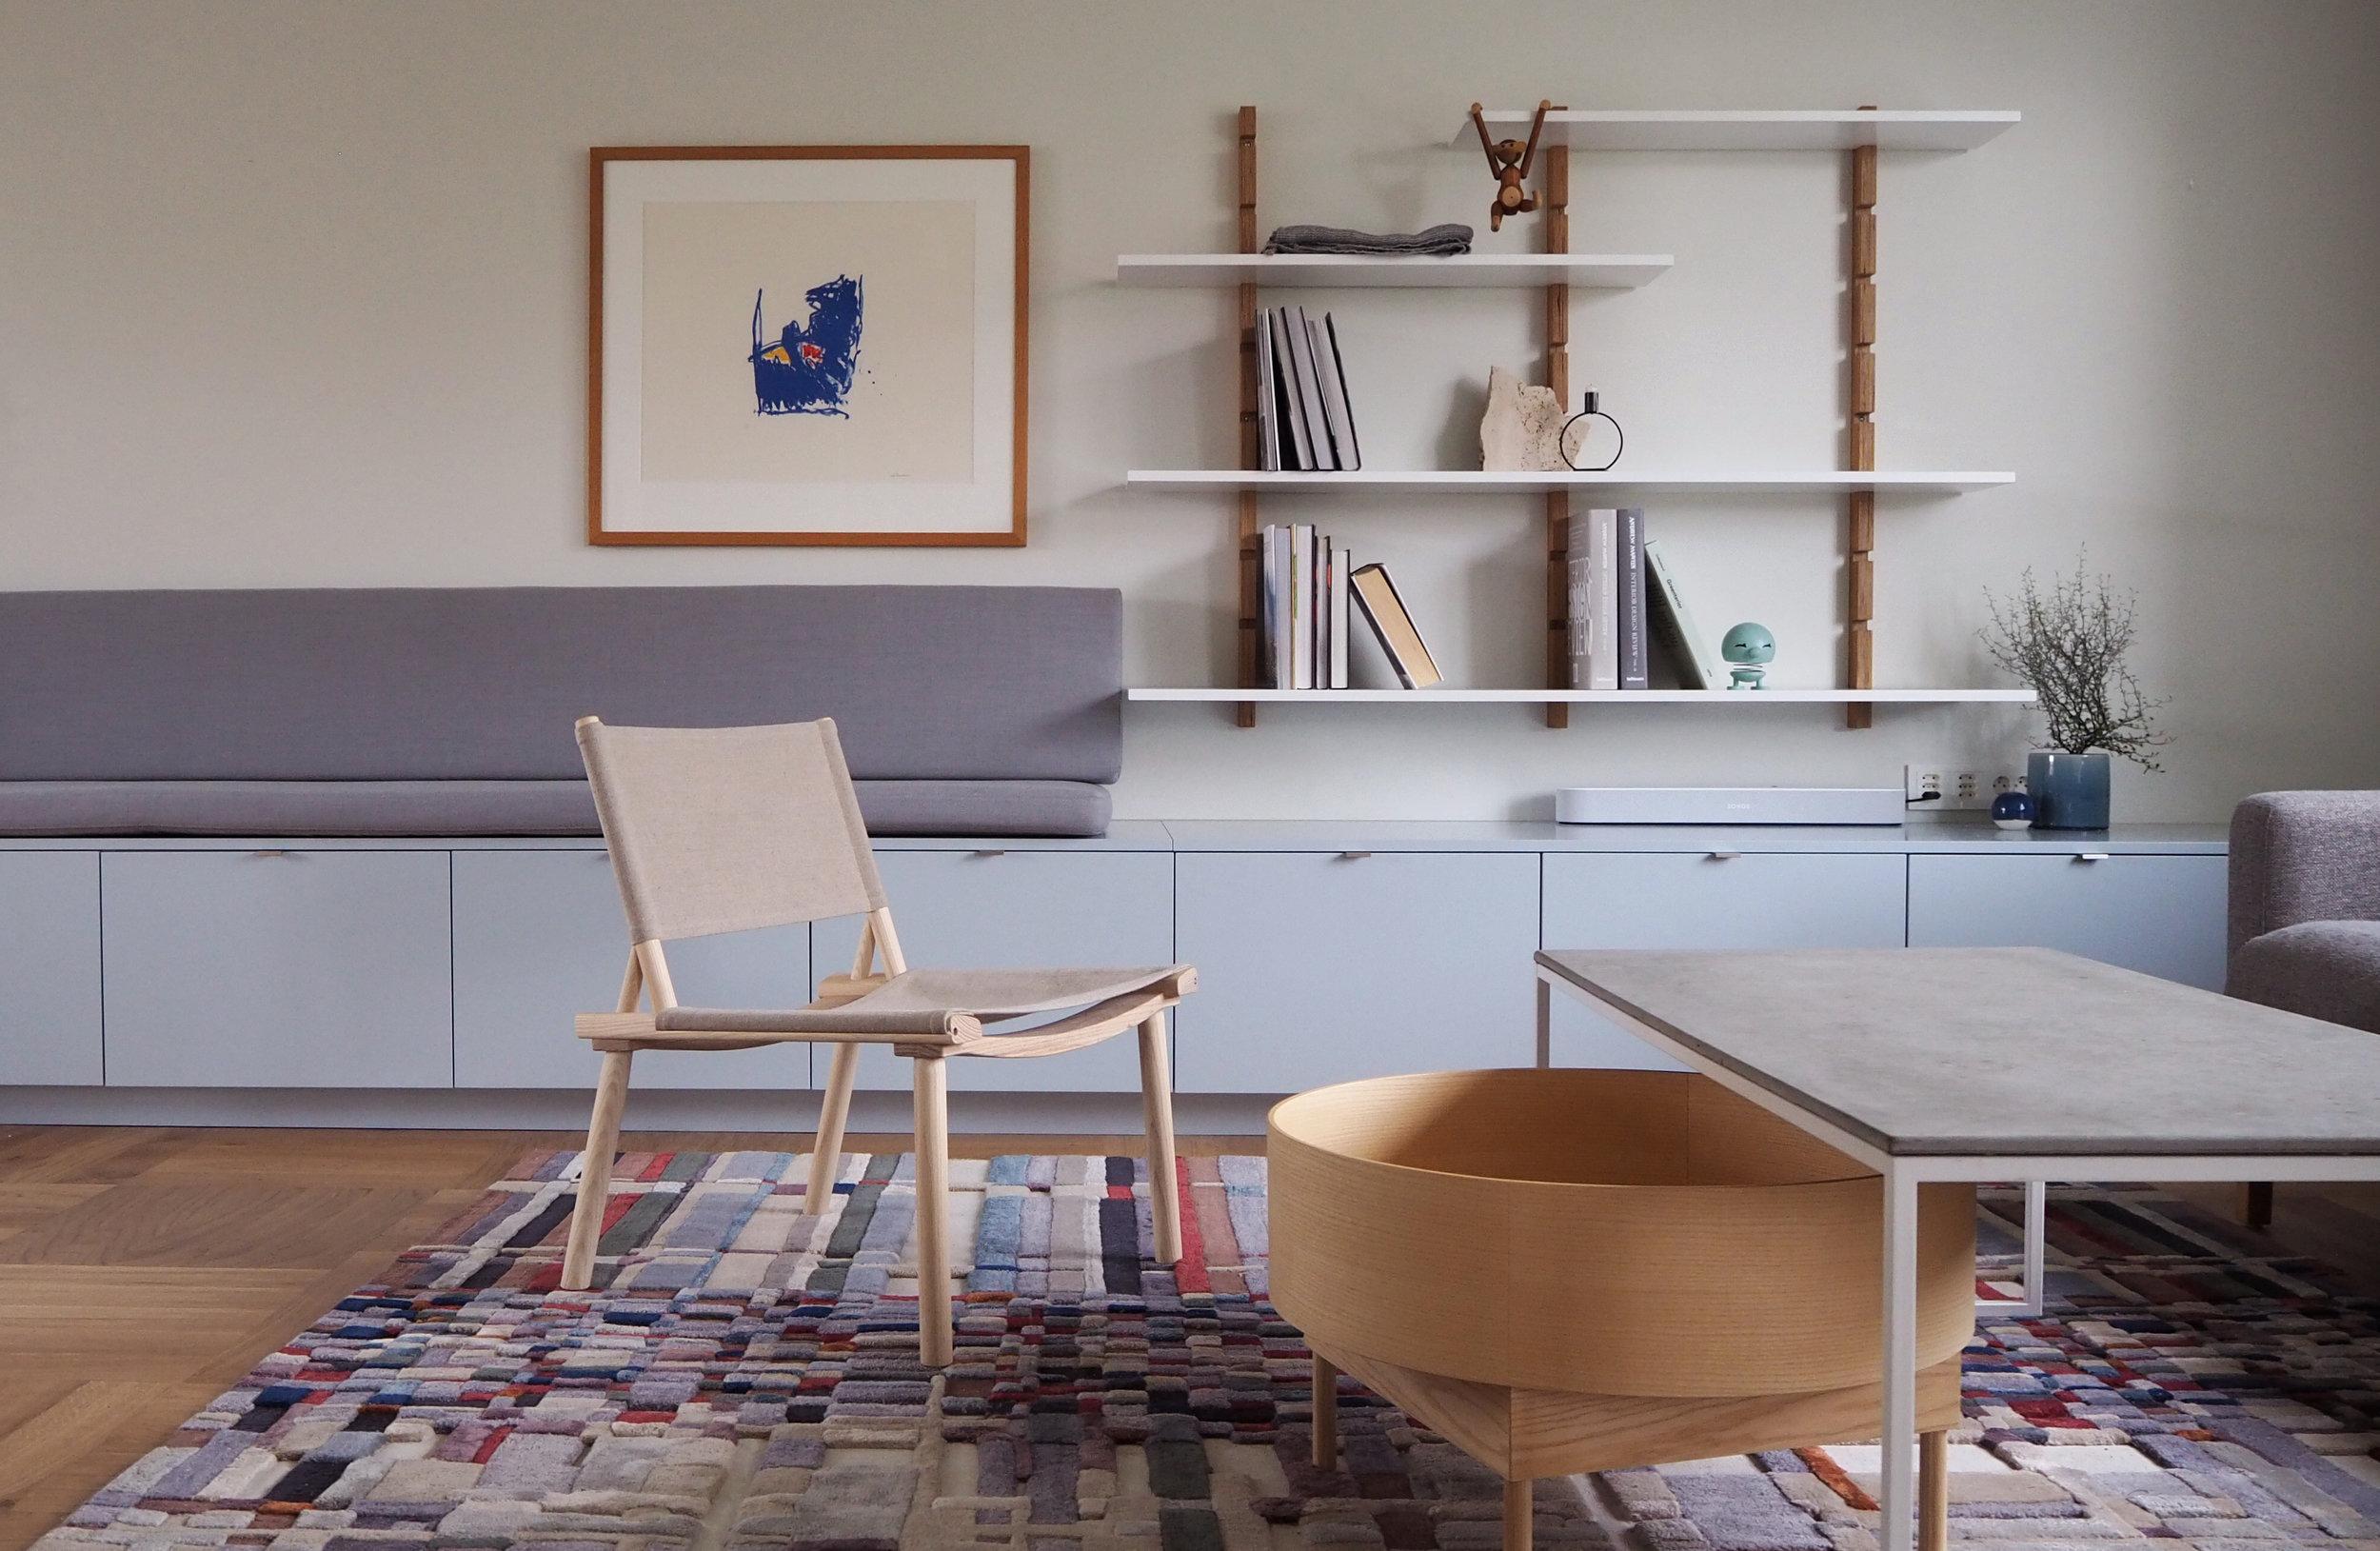 Sittebenk er designet av Alex Ark. Produkter fra IKEA, Studio10, Volver studio og KollektedBy.